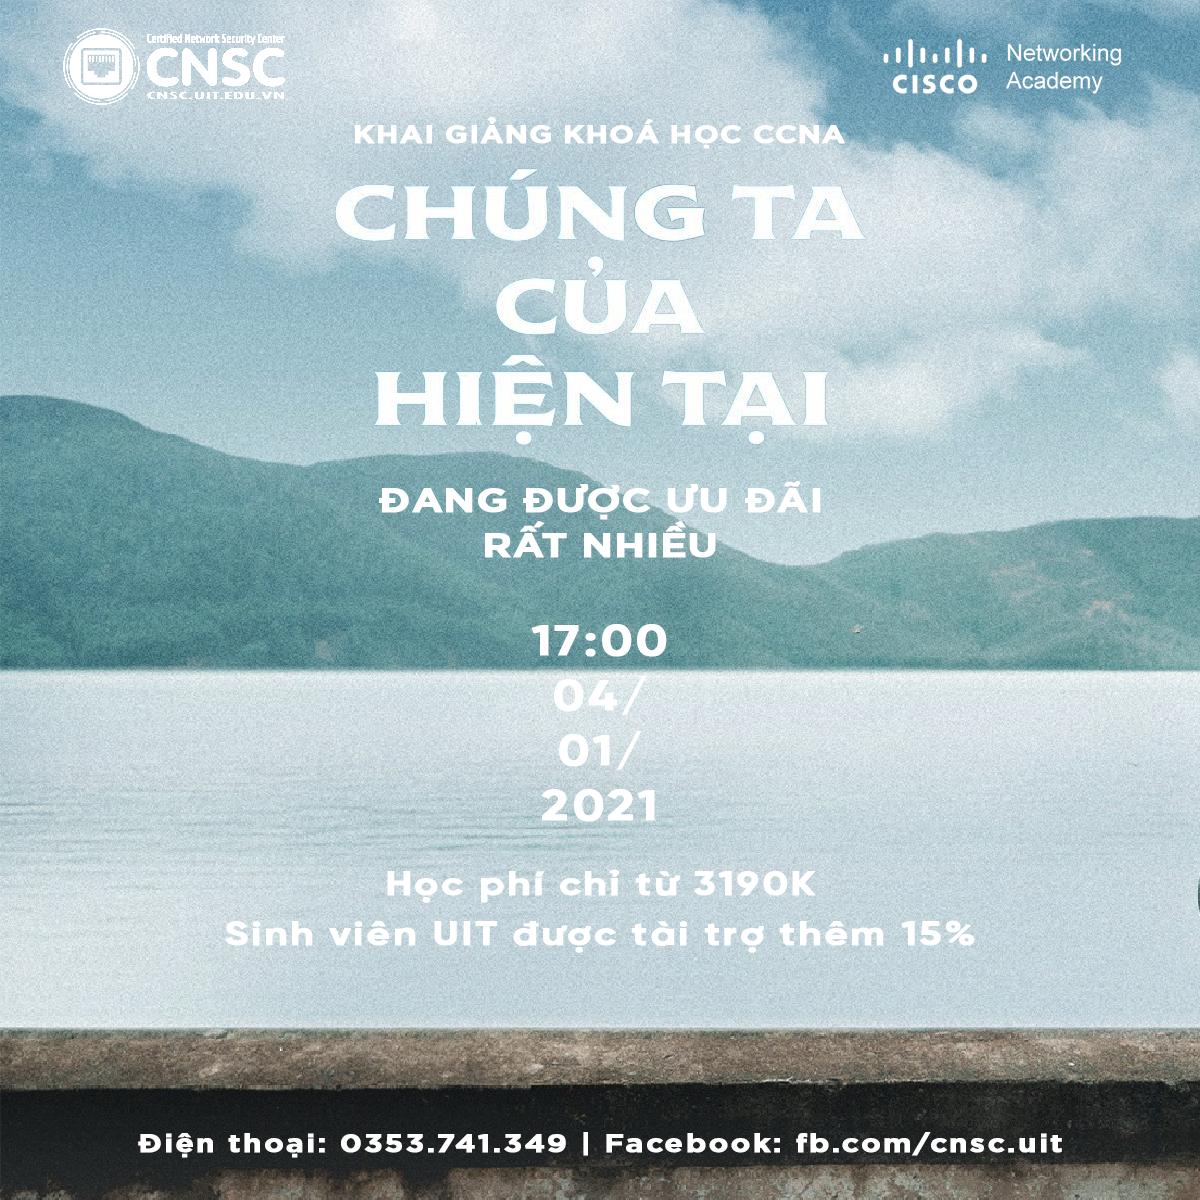 KHAI GIẢNG CÁC LỚP CCNA – HỌC VIỆN MẠNG CISCO CNSC VÀO 04/01/2021